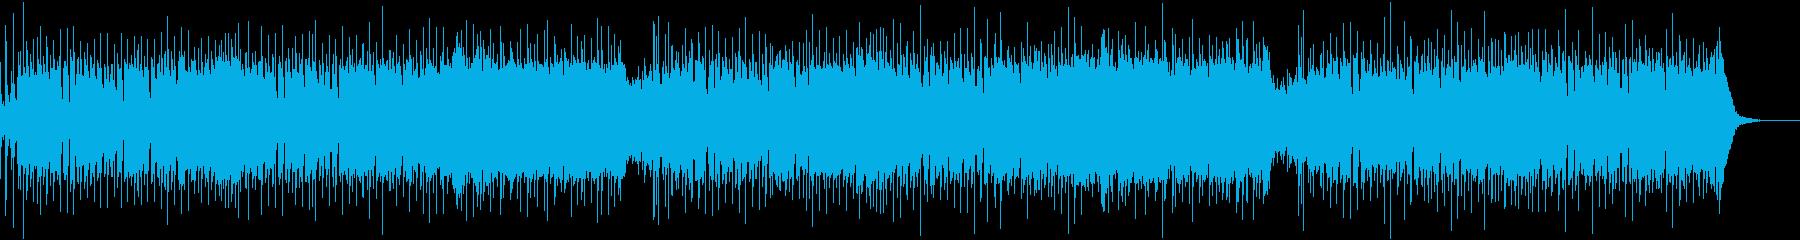 陽気で軽快なスカ・パンクの再生済みの波形